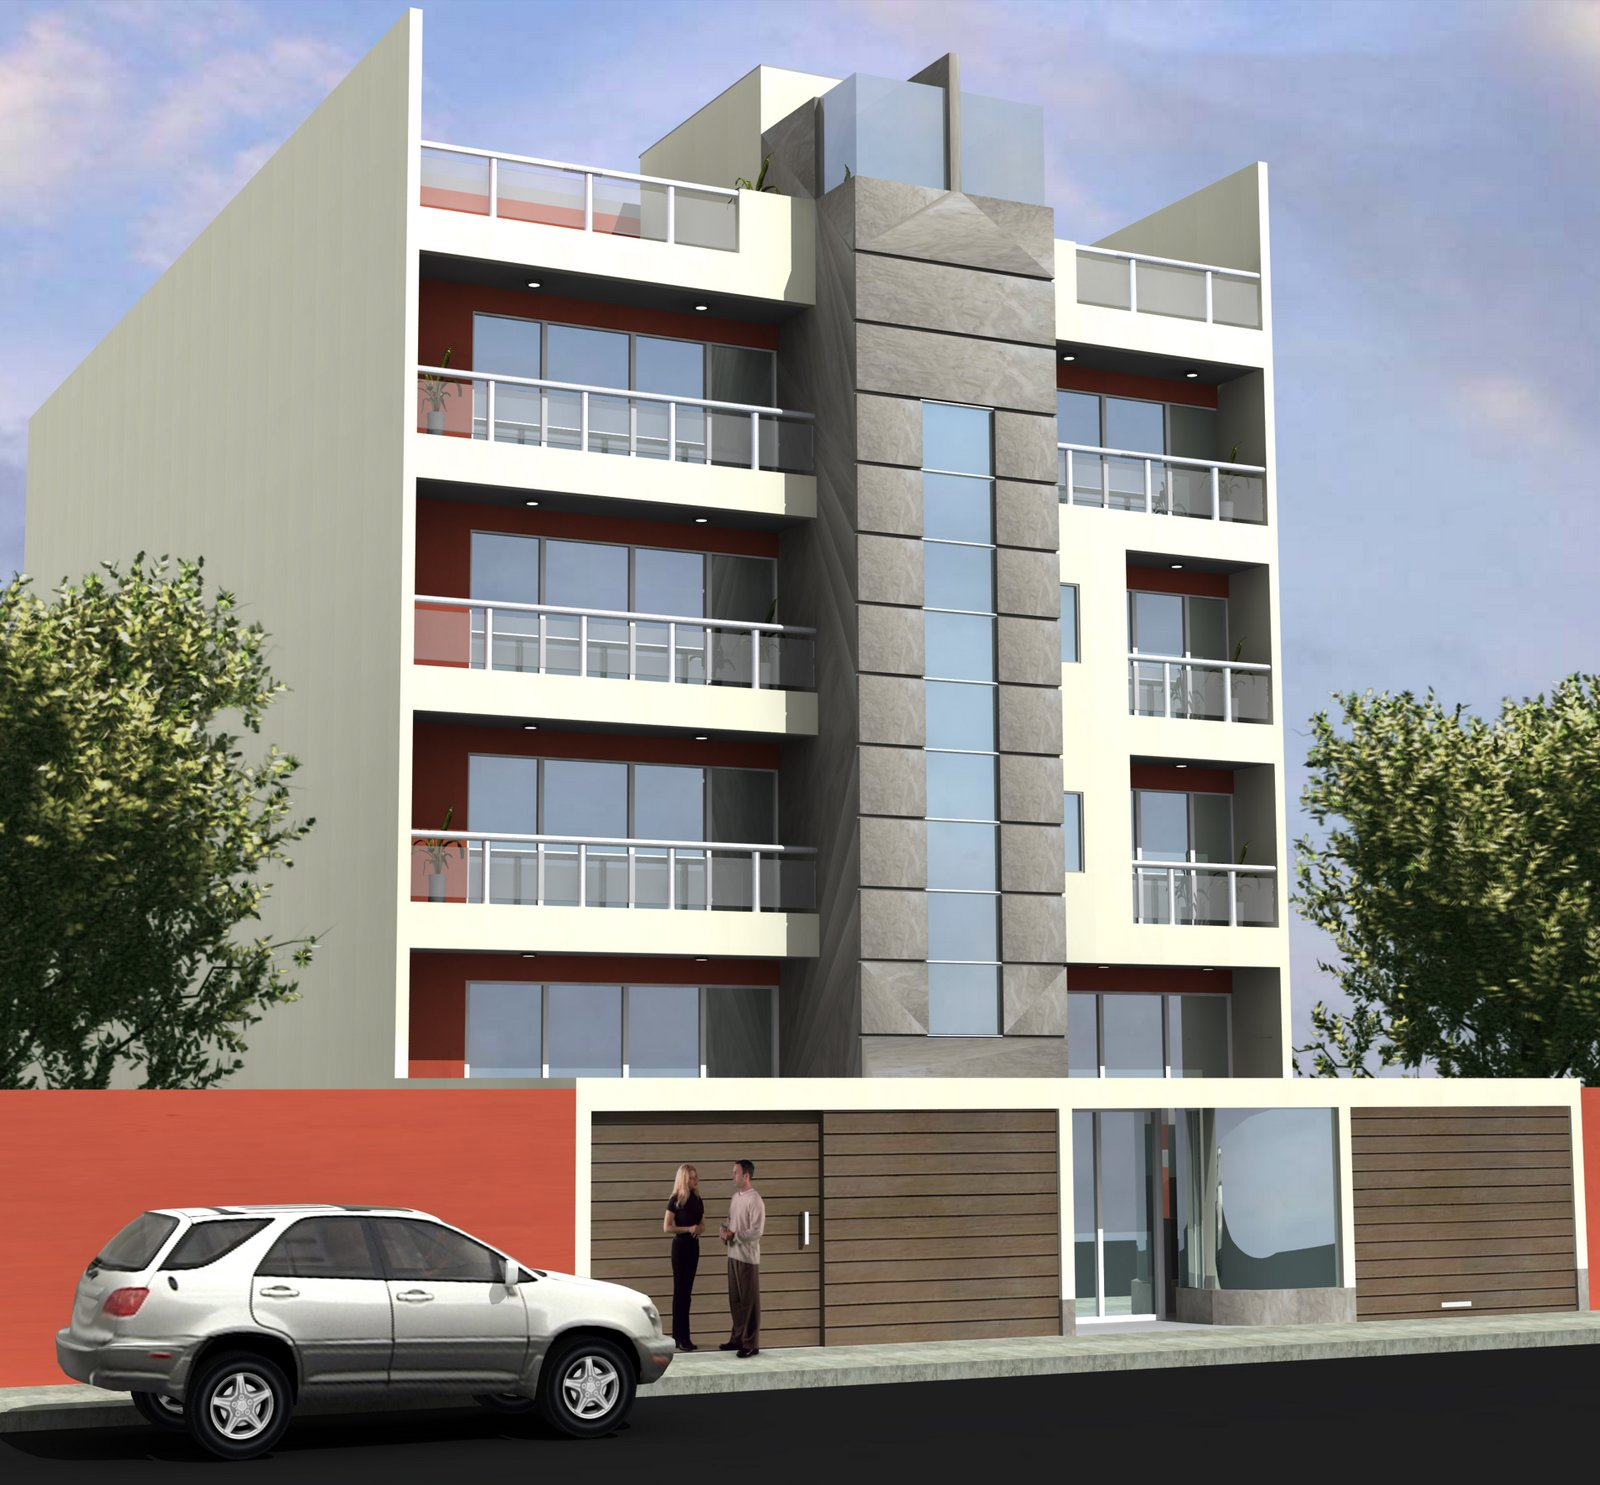 Proyectos arquitectura for Arquitectura de proyectos